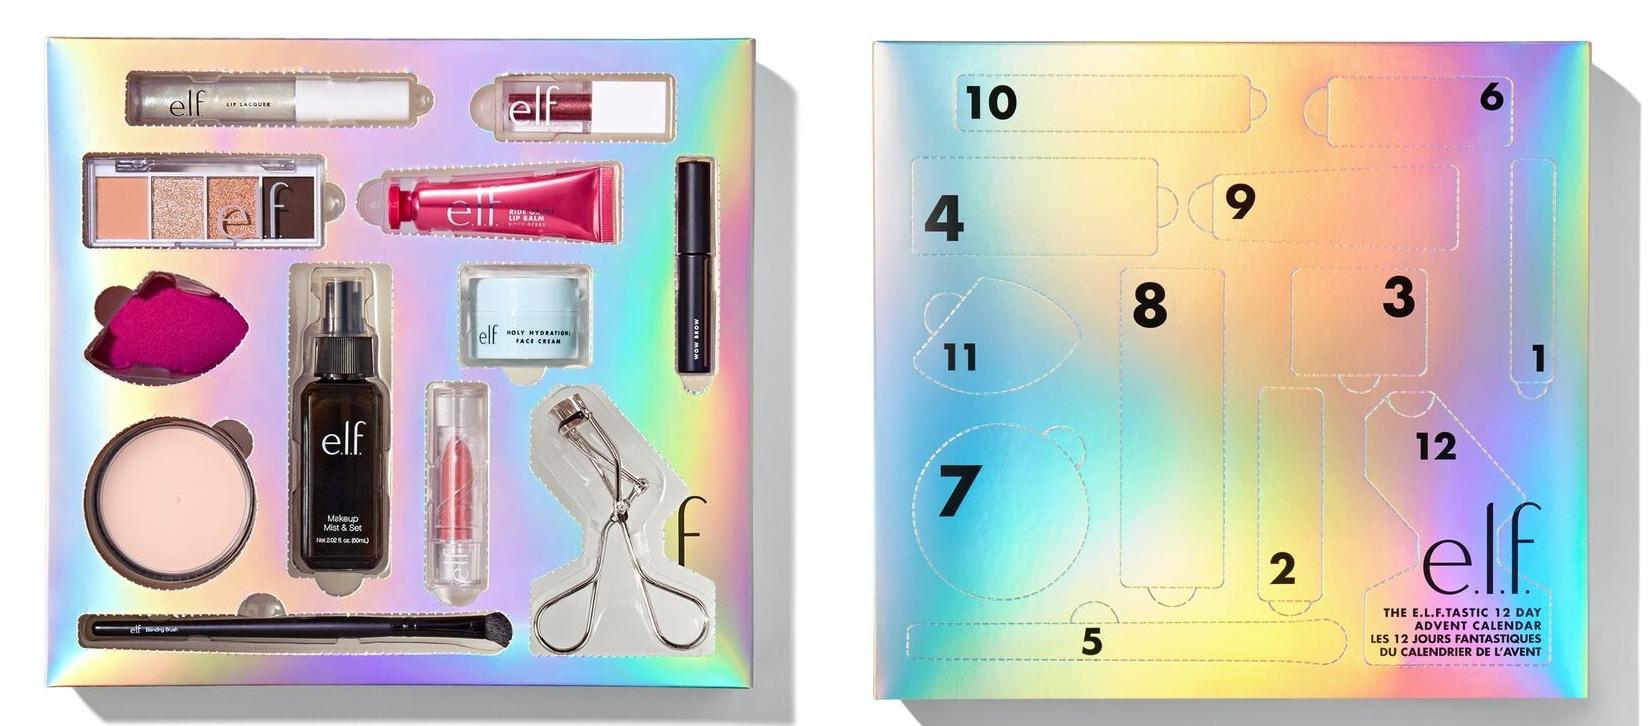 Elf Beauty Advent Calendar 2020 Contents